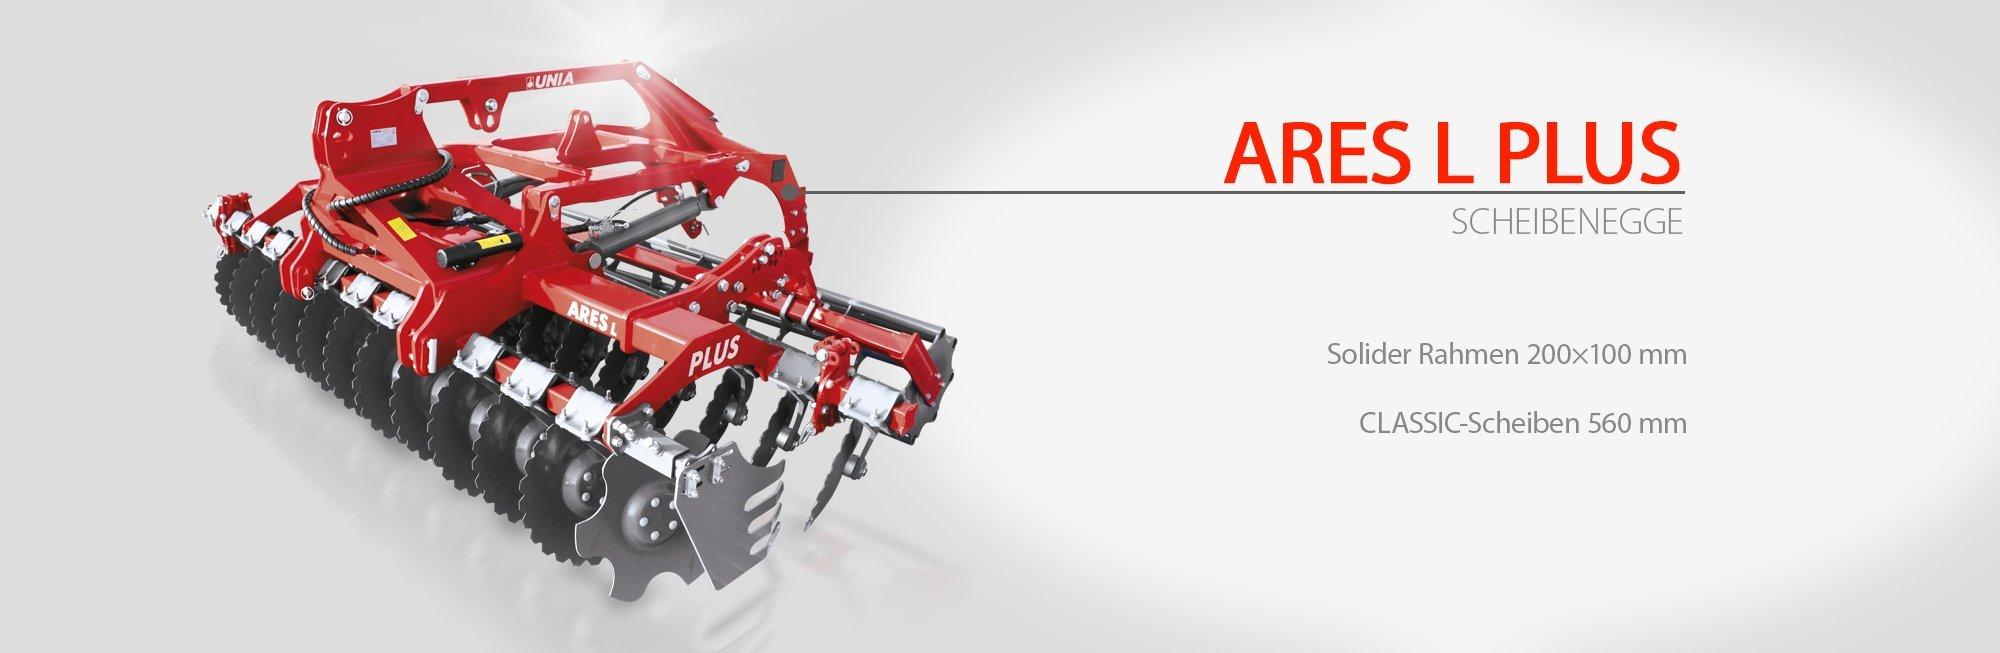 UNIA_rotator_ARES_L_PLUS_DE_slide_01